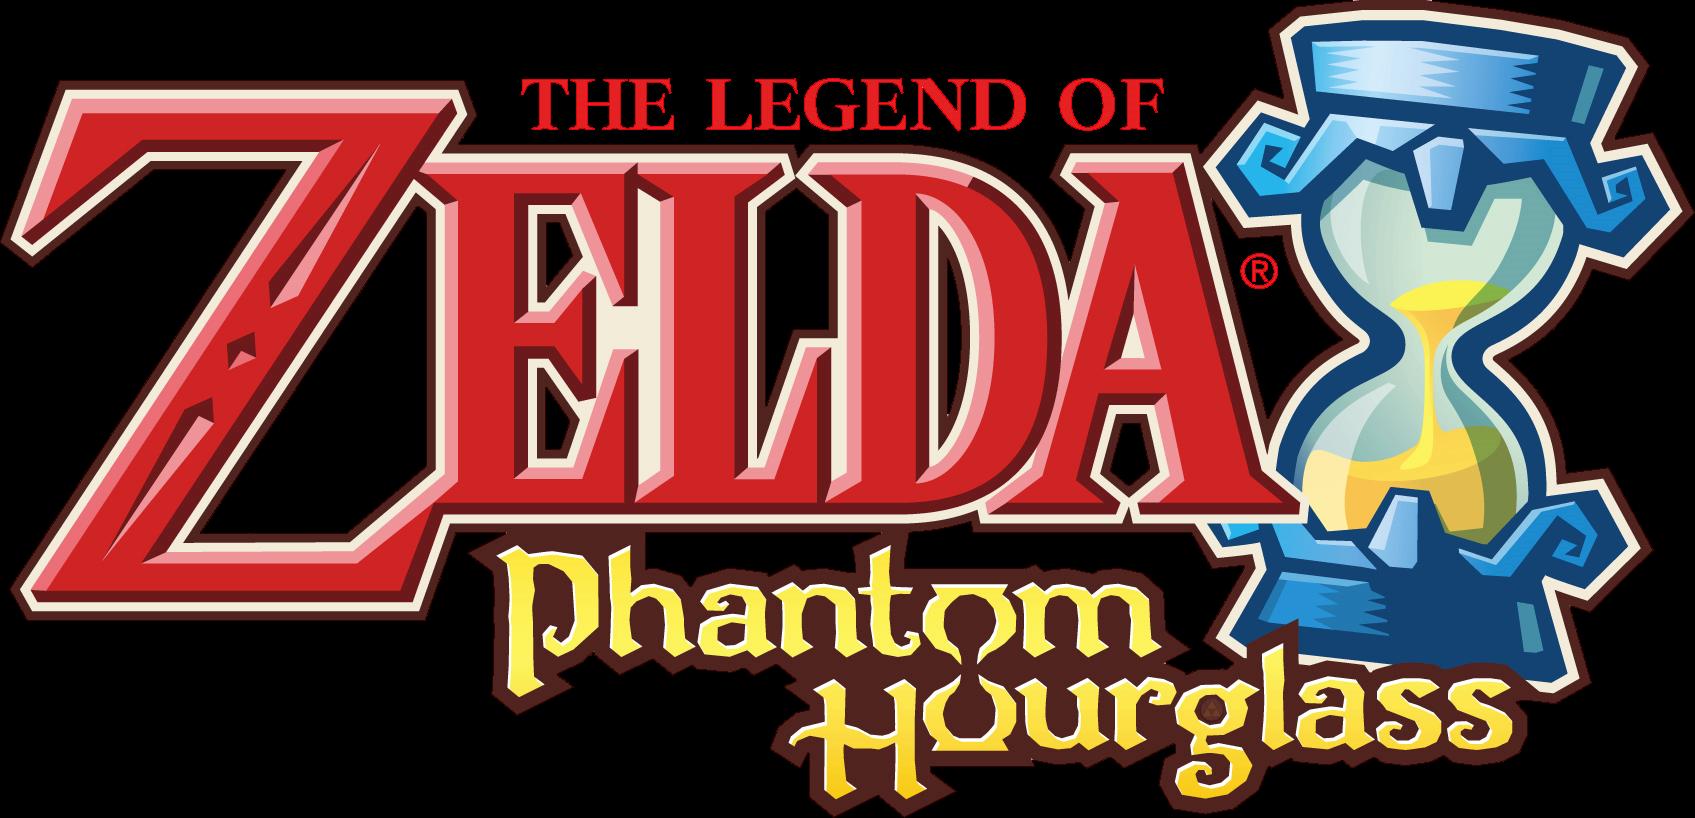 The_Legend_of_Zelda_-_Phantom_Hourglass_Logo